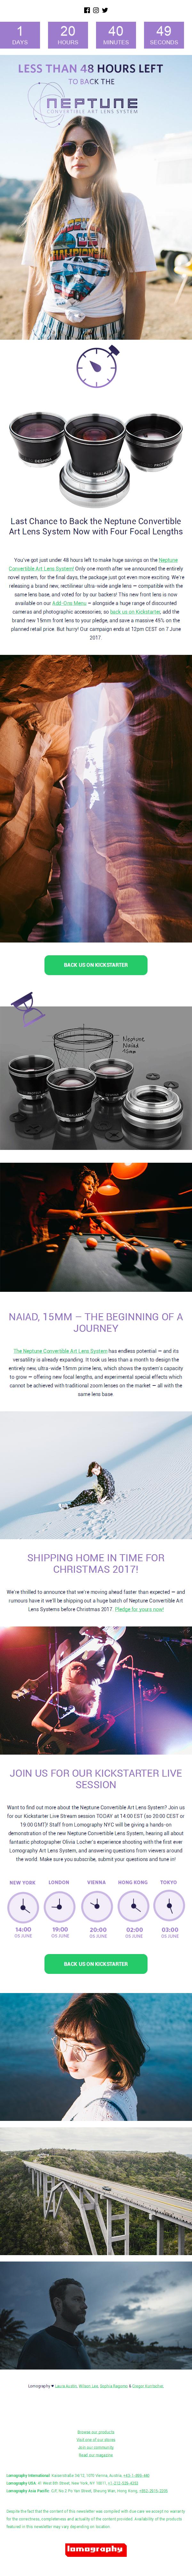 Less than 48 Hours Left to Back the Neptune Convertible Art Lens System on Kickstarter!